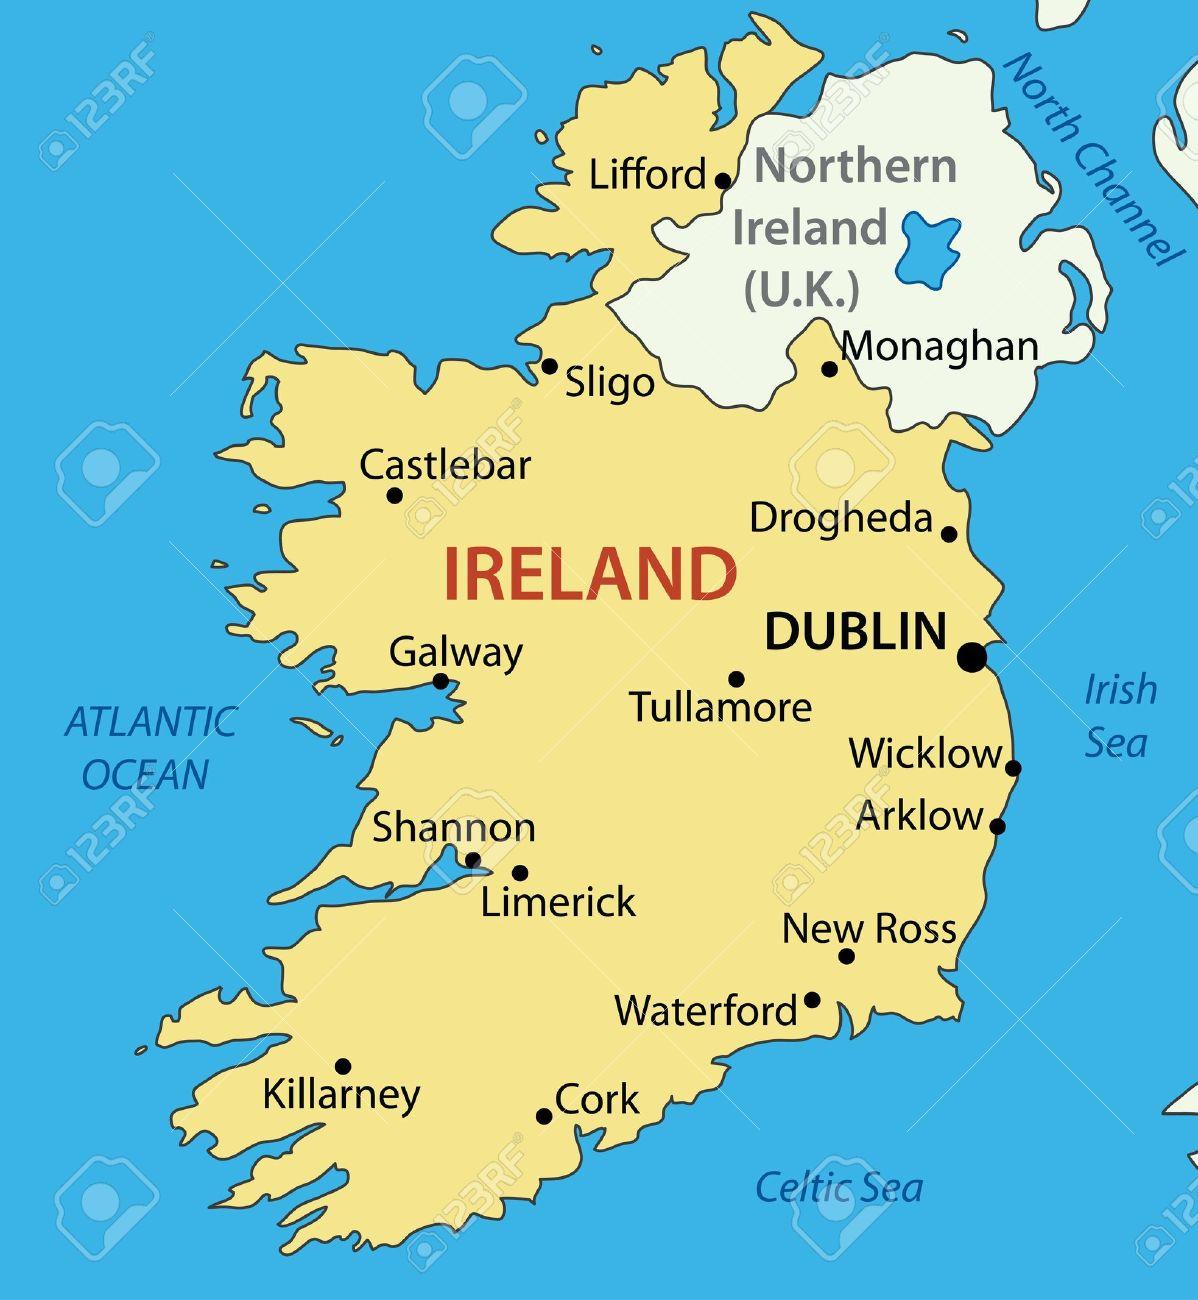 irlanda mapa República De Irlanda   Mapa Ilustraciones Vectoriales, Clip Art  irlanda mapa